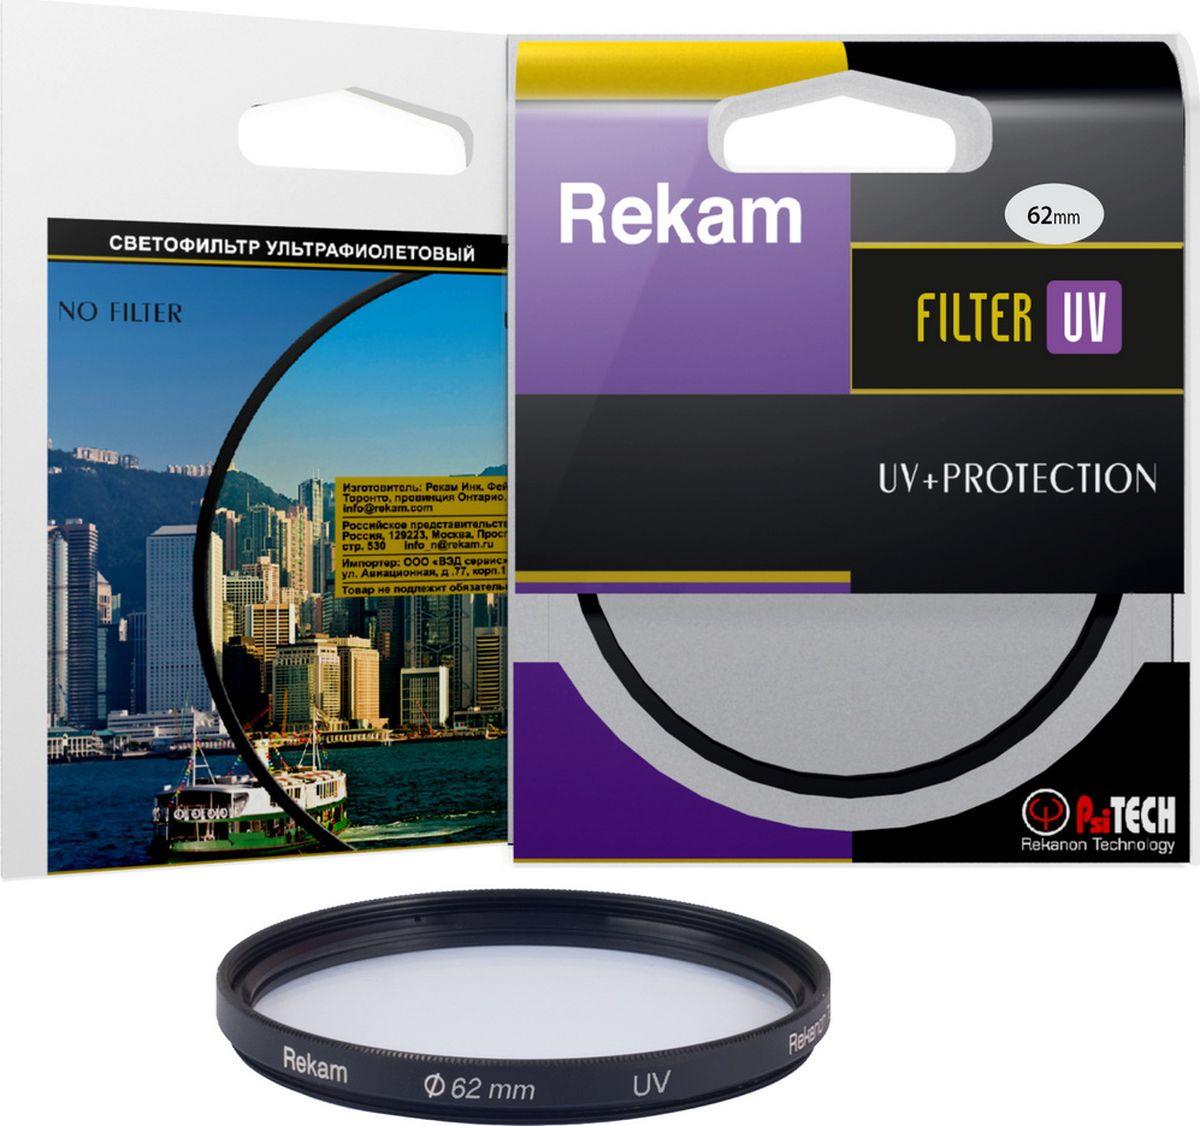 Rekam RF-UV62 ультрафиолетовый фильтр, 62 мм